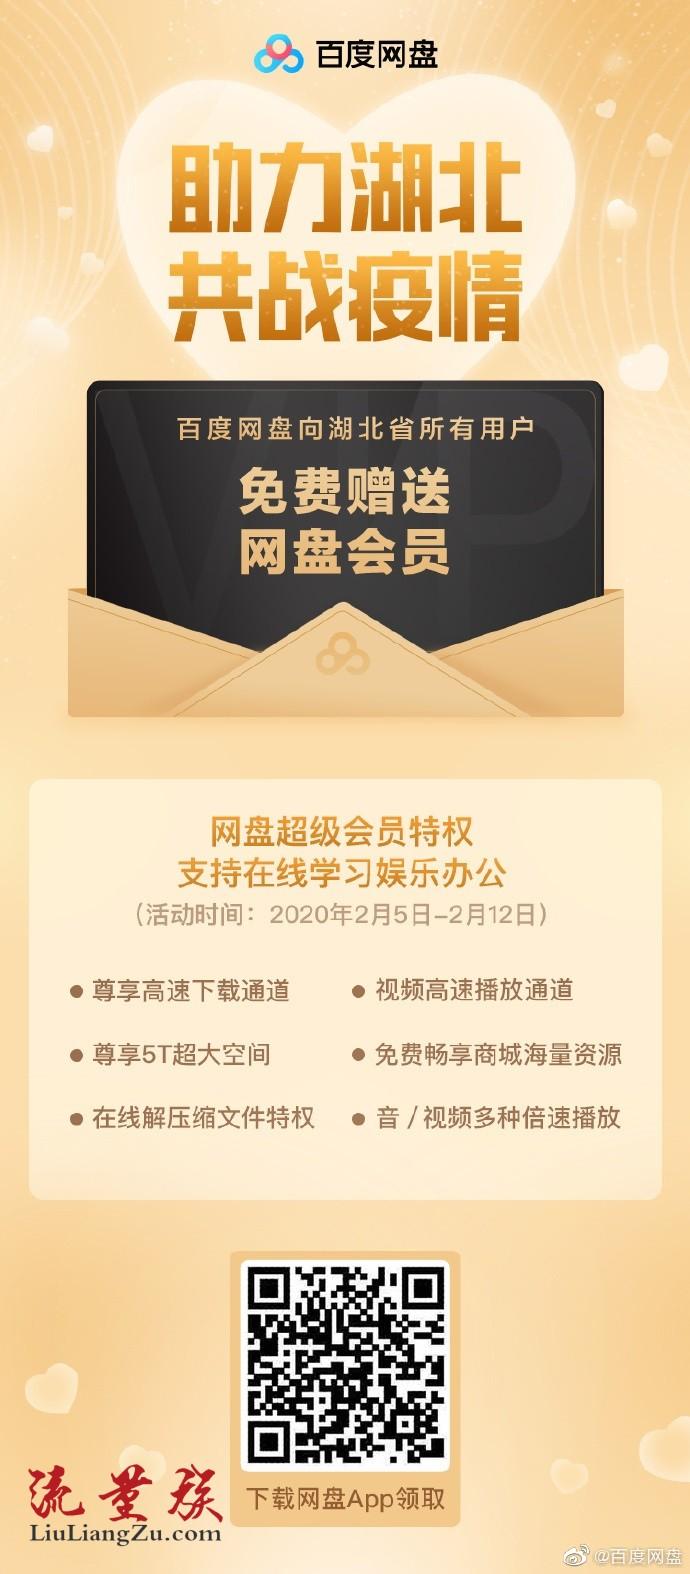 百度网盘:向湖北省所有用户免费赠送网盘超级会员